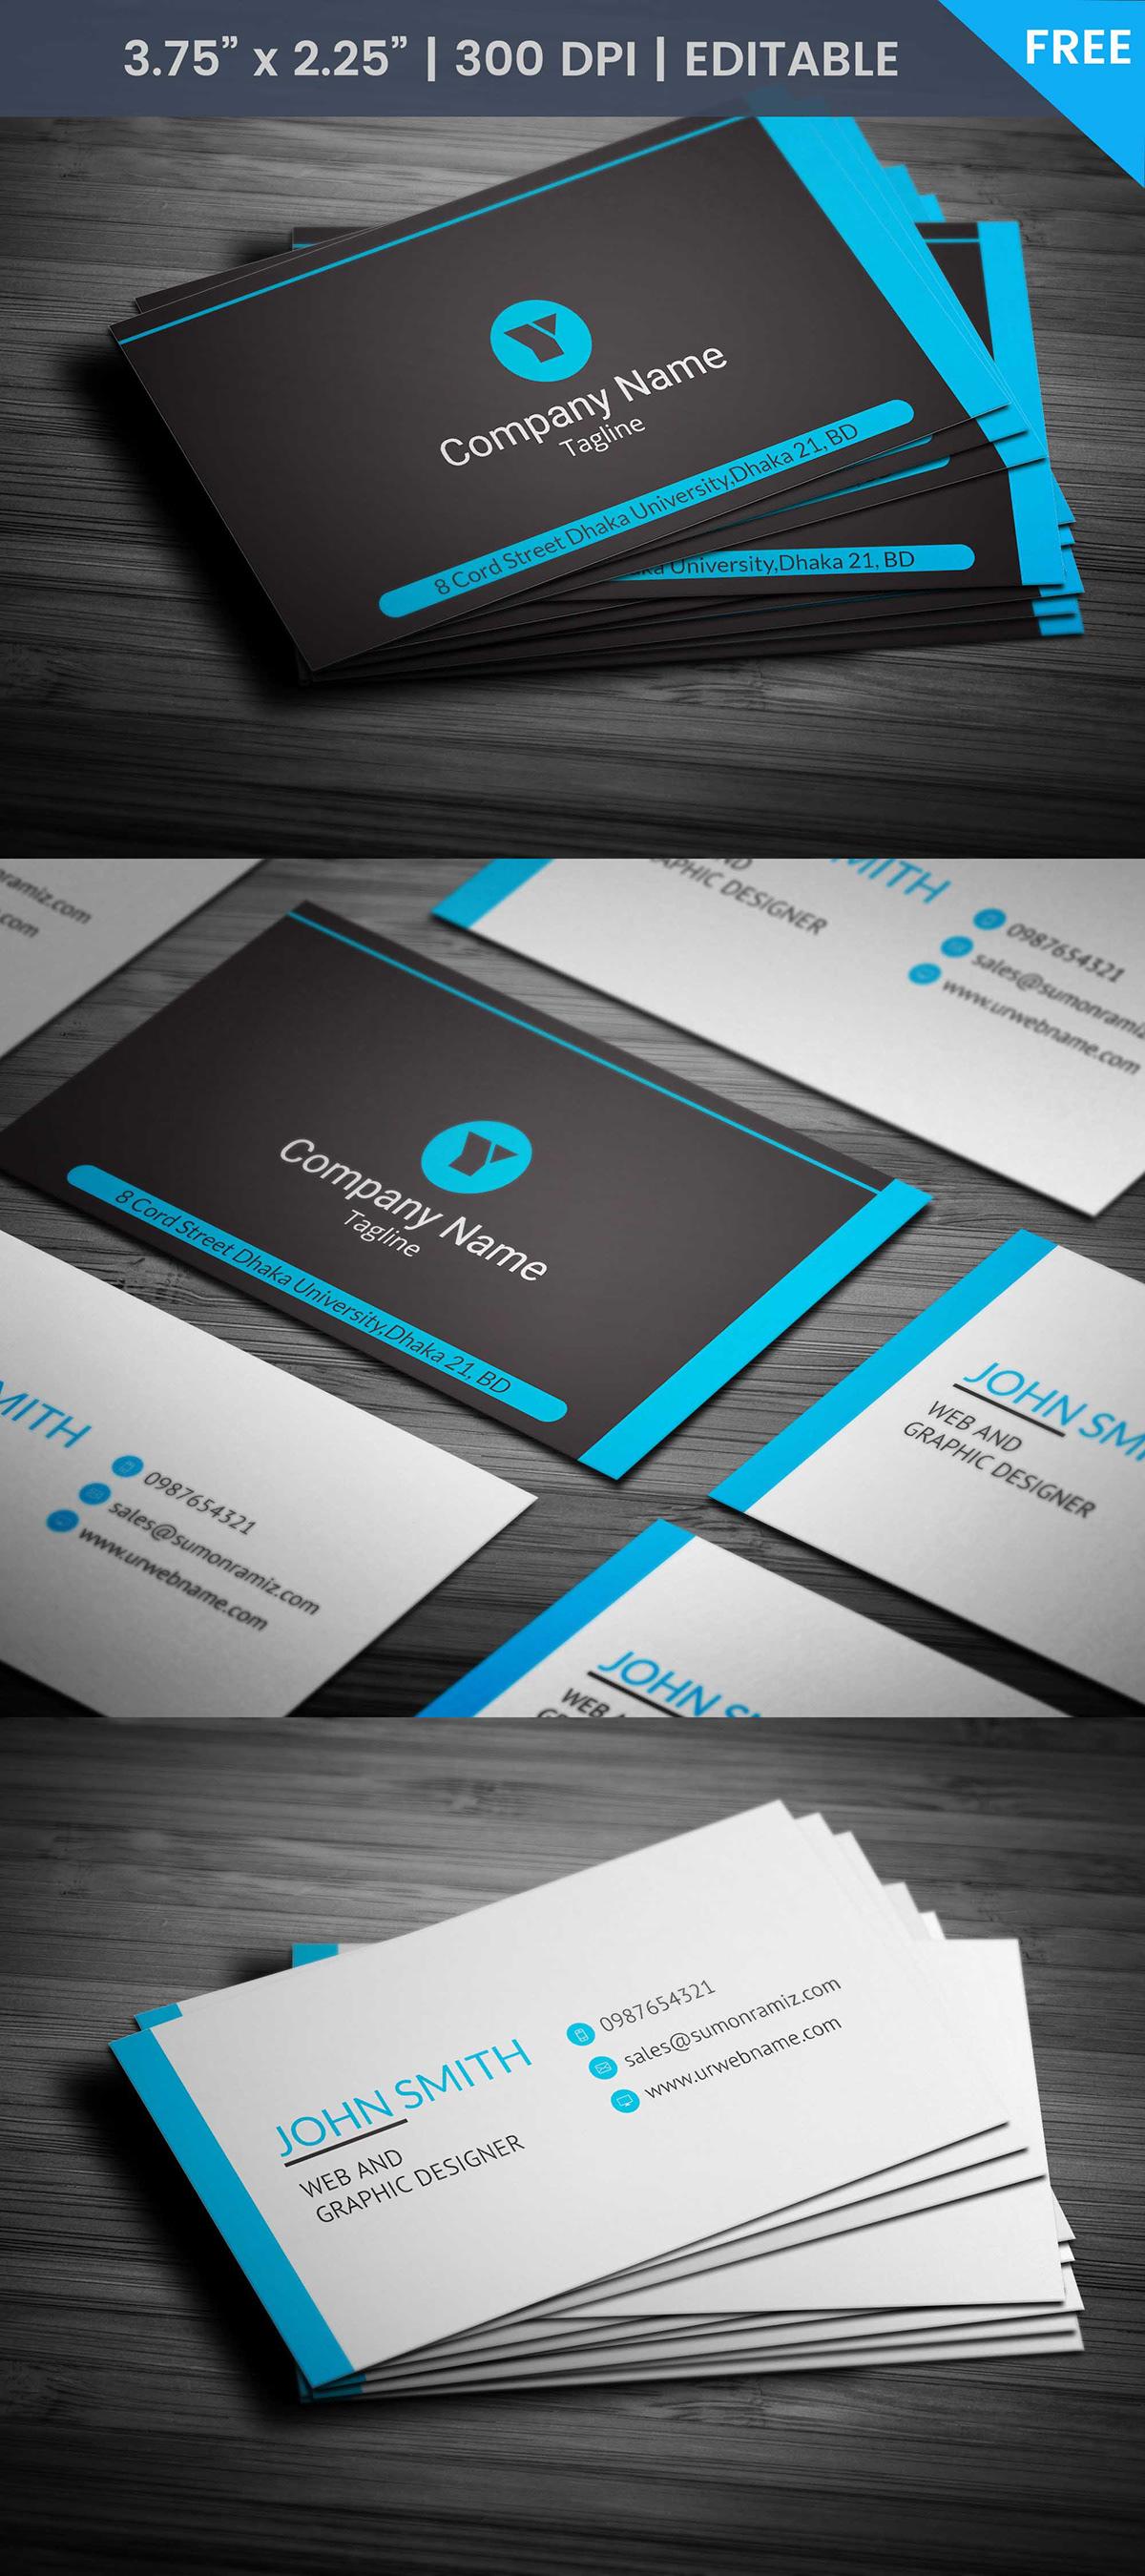 web designer business card - Web Designer Business Card